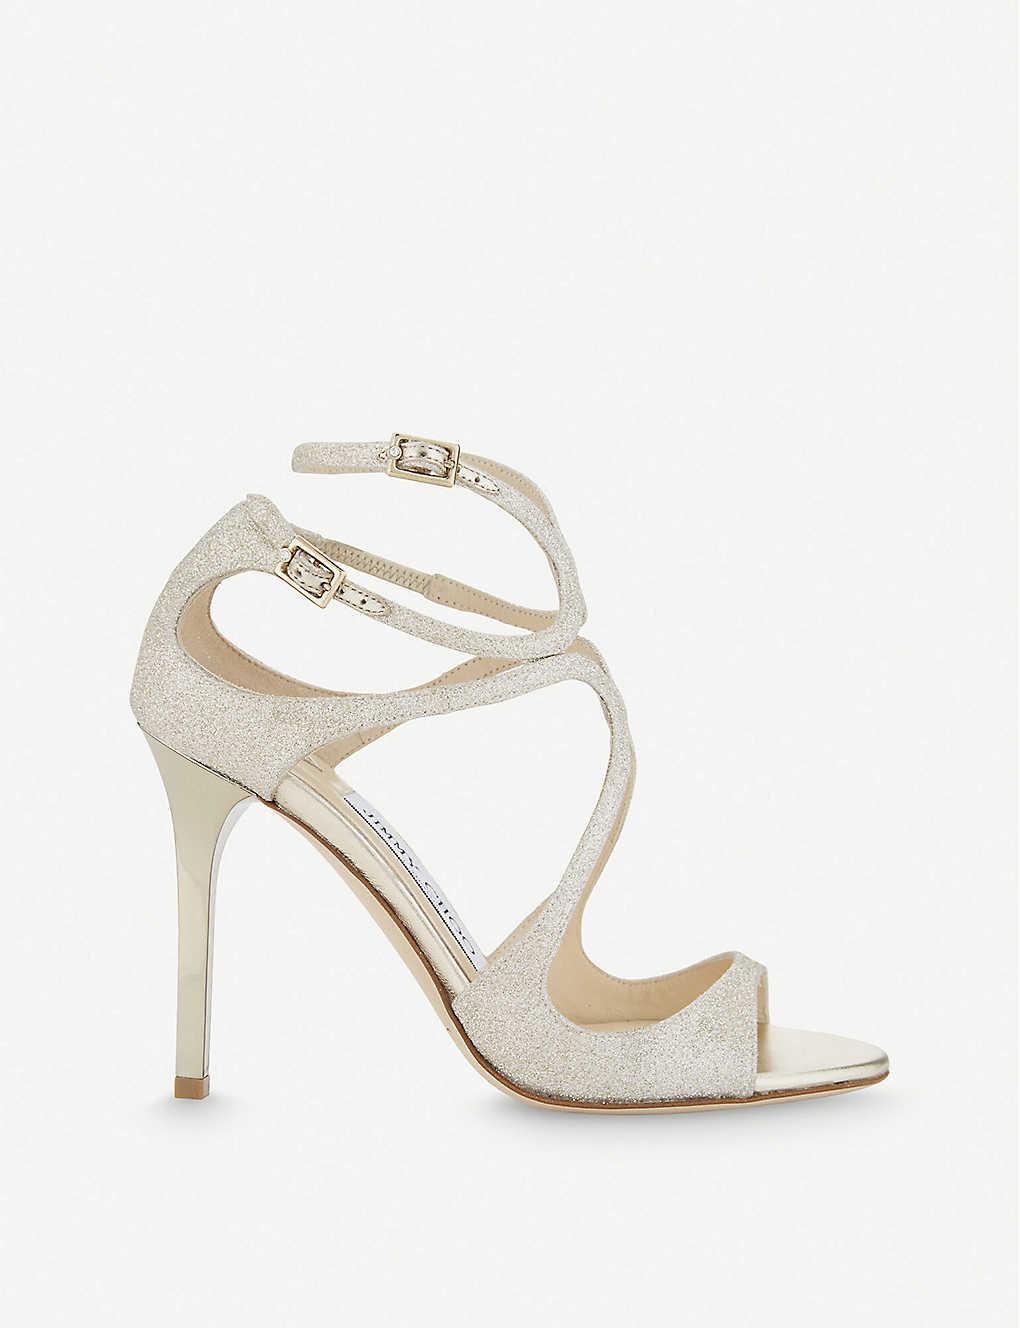 702879a2f JIMMY CHOO - Lang 100 glitter heeled sandals | Selfridges.com